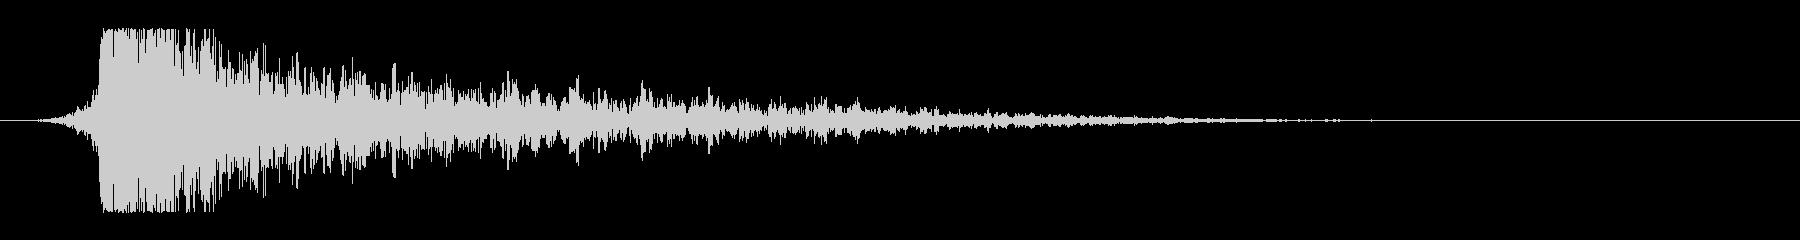 シュードーン-12(インパクト音)の未再生の波形